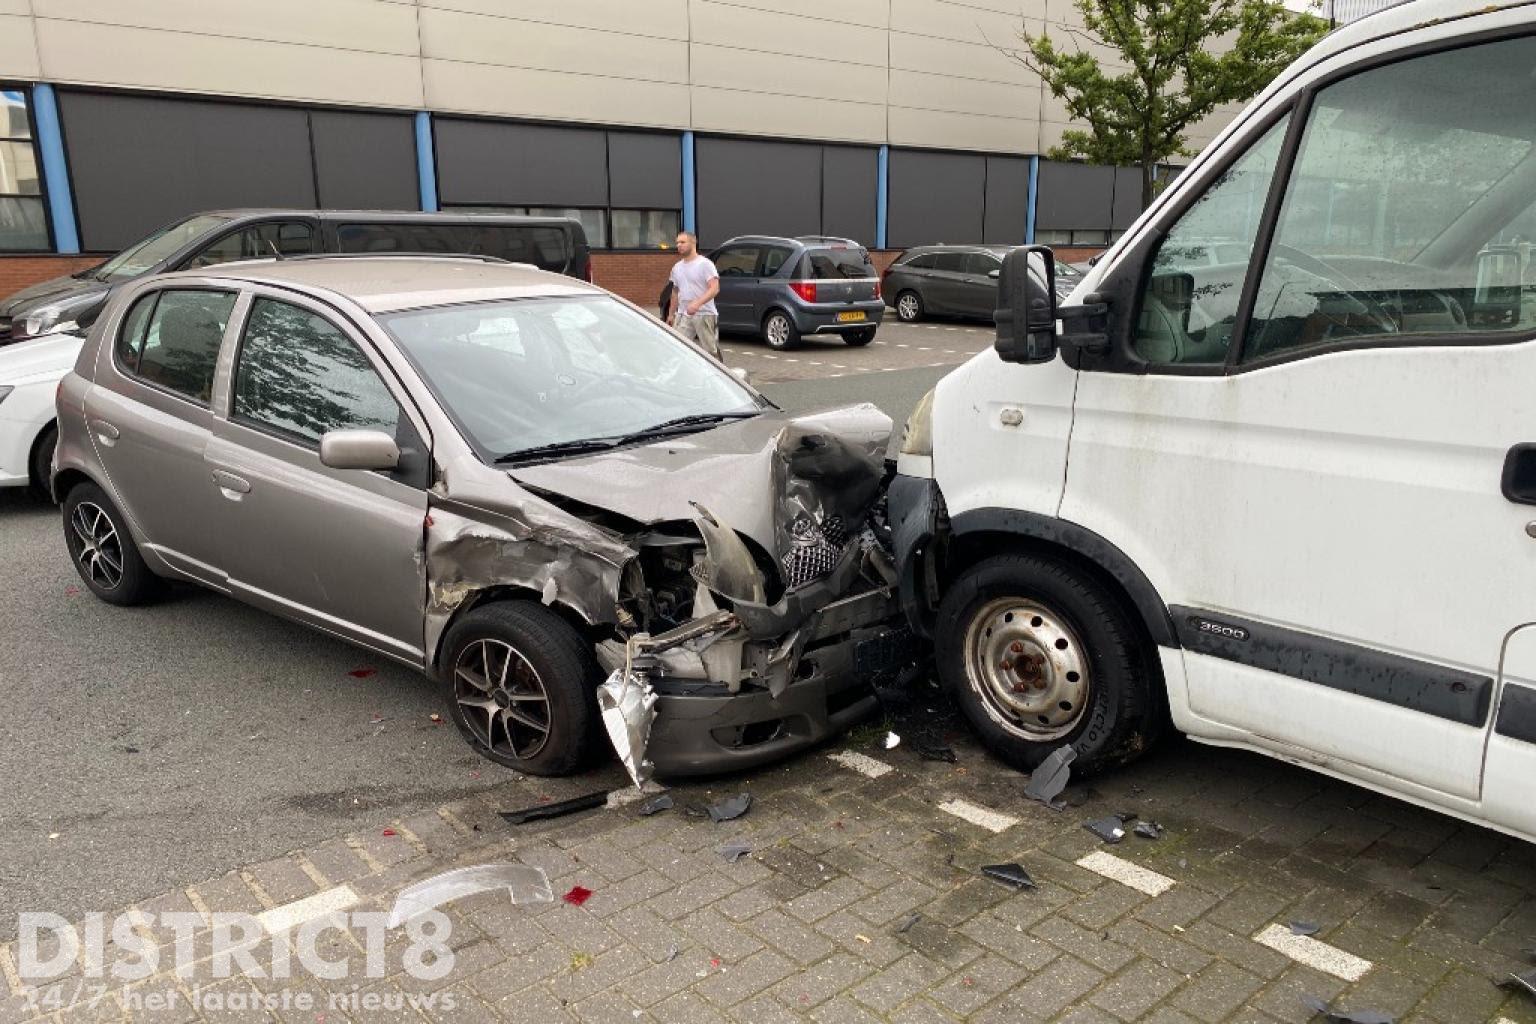 Drie voertuigen lopen flinke schade op na aanrijding Platinaweg Den Haag